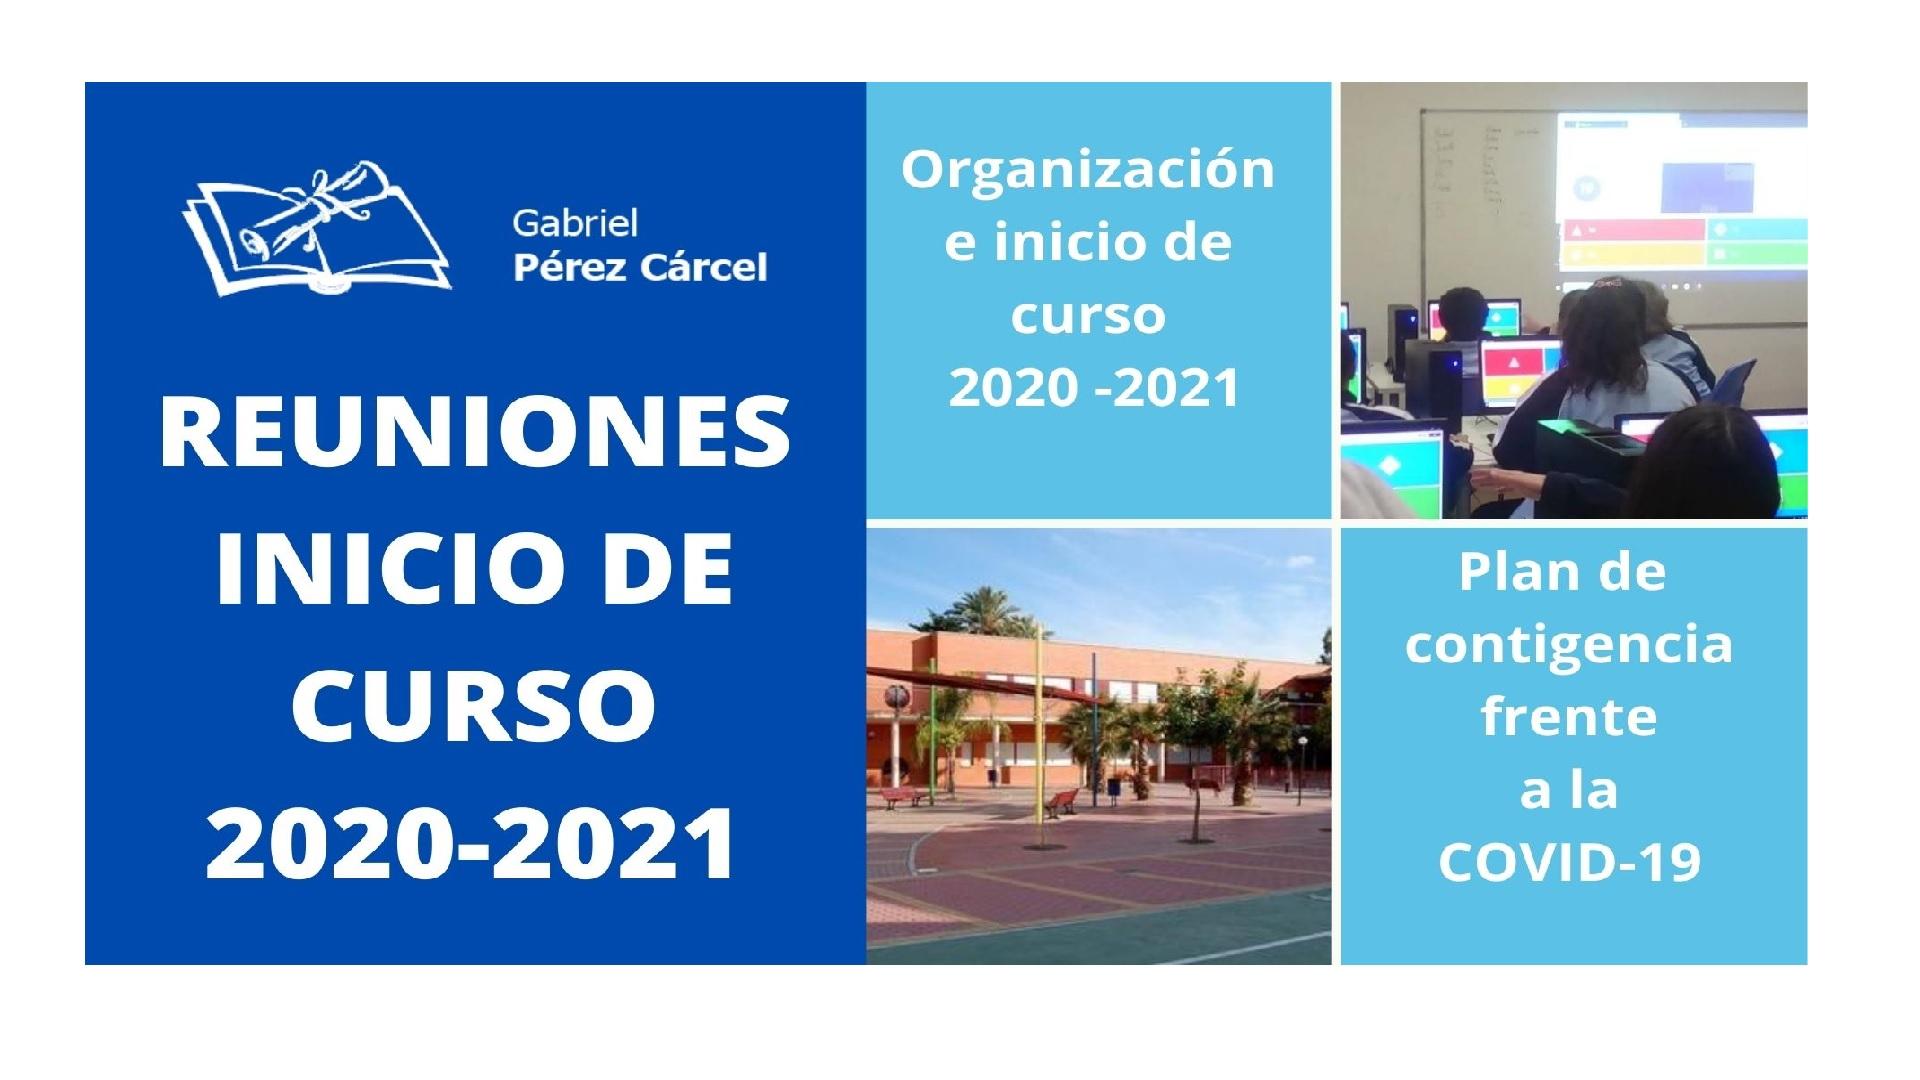 INFORMACIÓN REUNIONES INICIO DE CURSO – PLAN DE CONTIGENCIA FRENTE A LA COVID-19